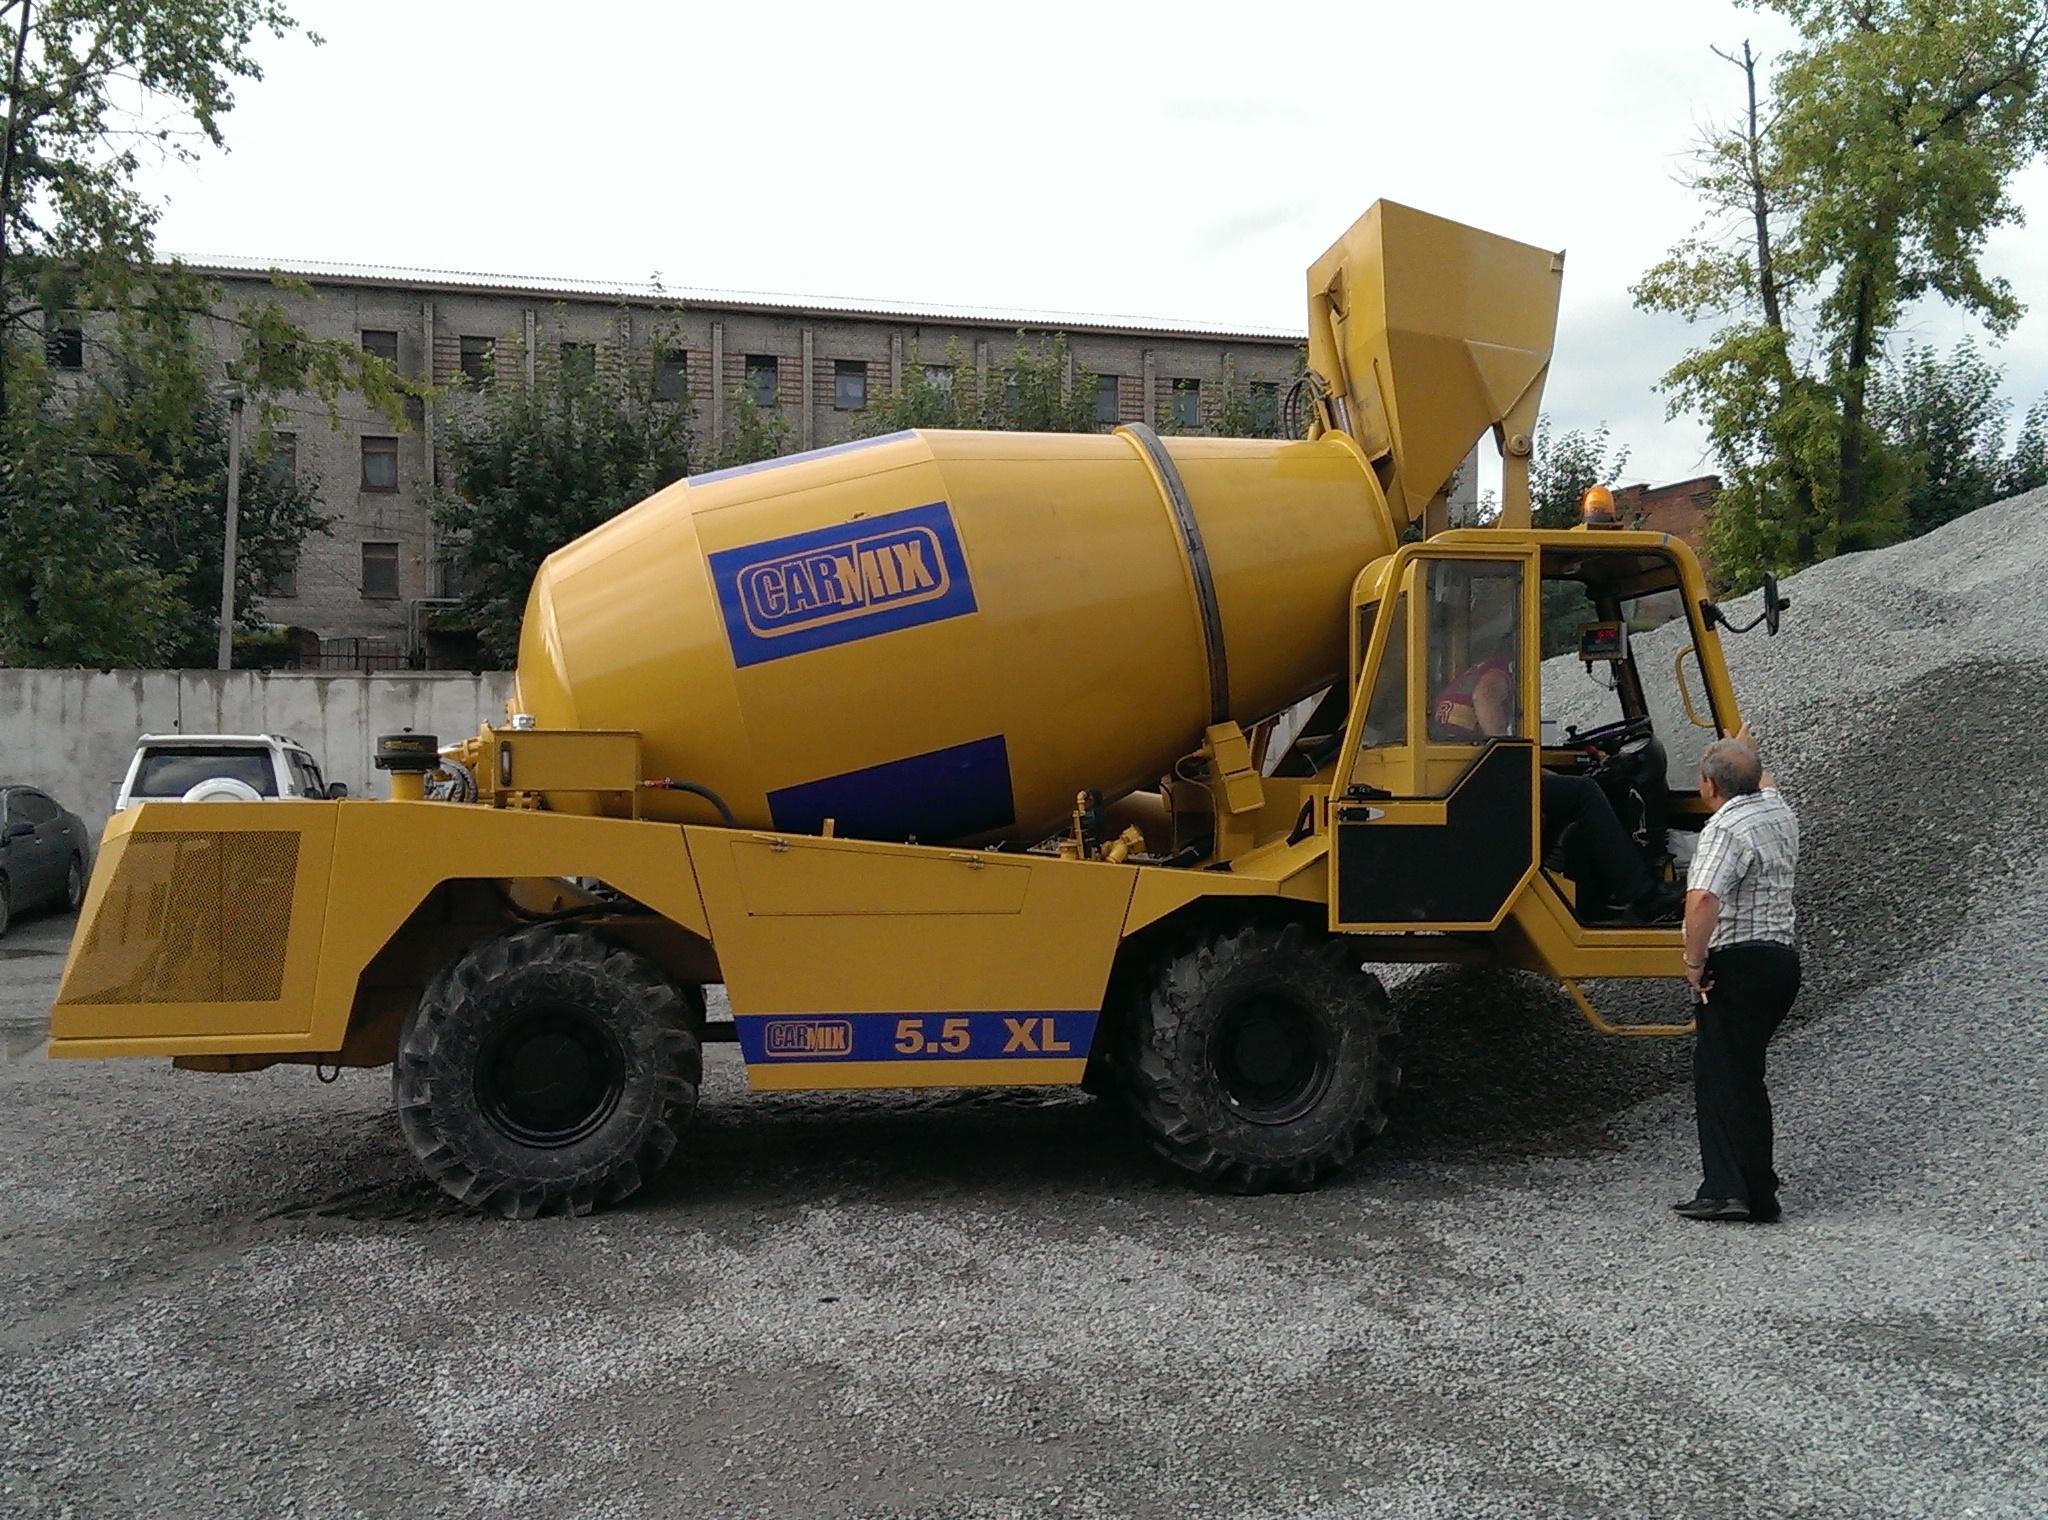 Кармикс бетон изготовление бетонных смесей на строительных объектах